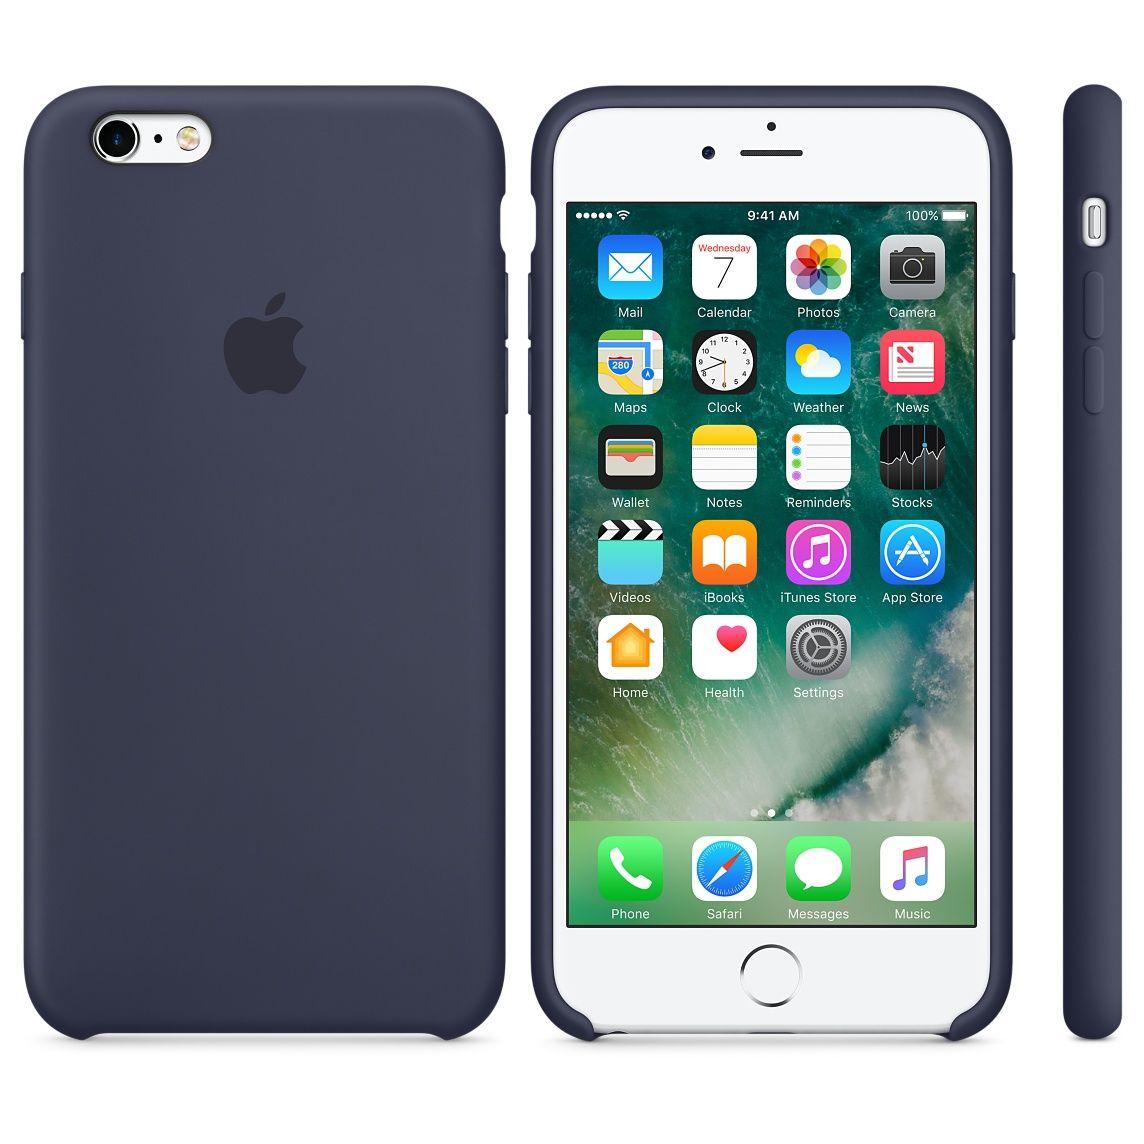 Apple silikone etui til iPhone 6 blå